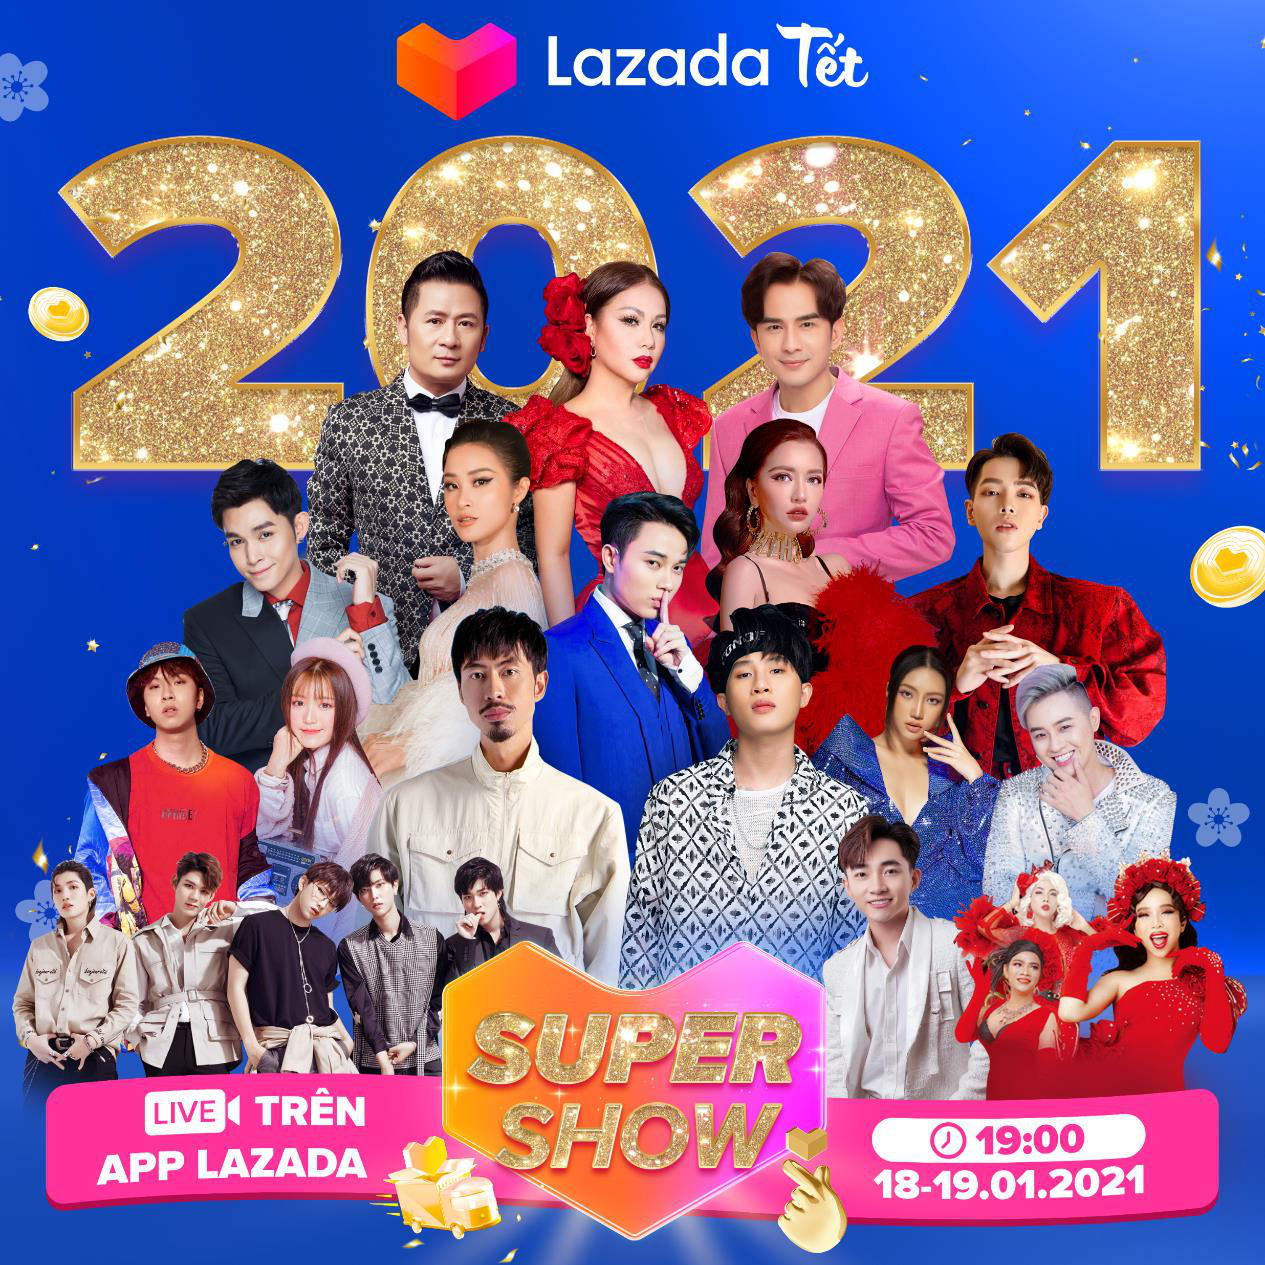 Tối nay, Jack, Đen, Đông Nhi, Bích Phương hội ngộ trên sân khấu Super Show Tết, hứa hẹn mang đến đại nhạc hội không thể bỏ qua - Ảnh 1.